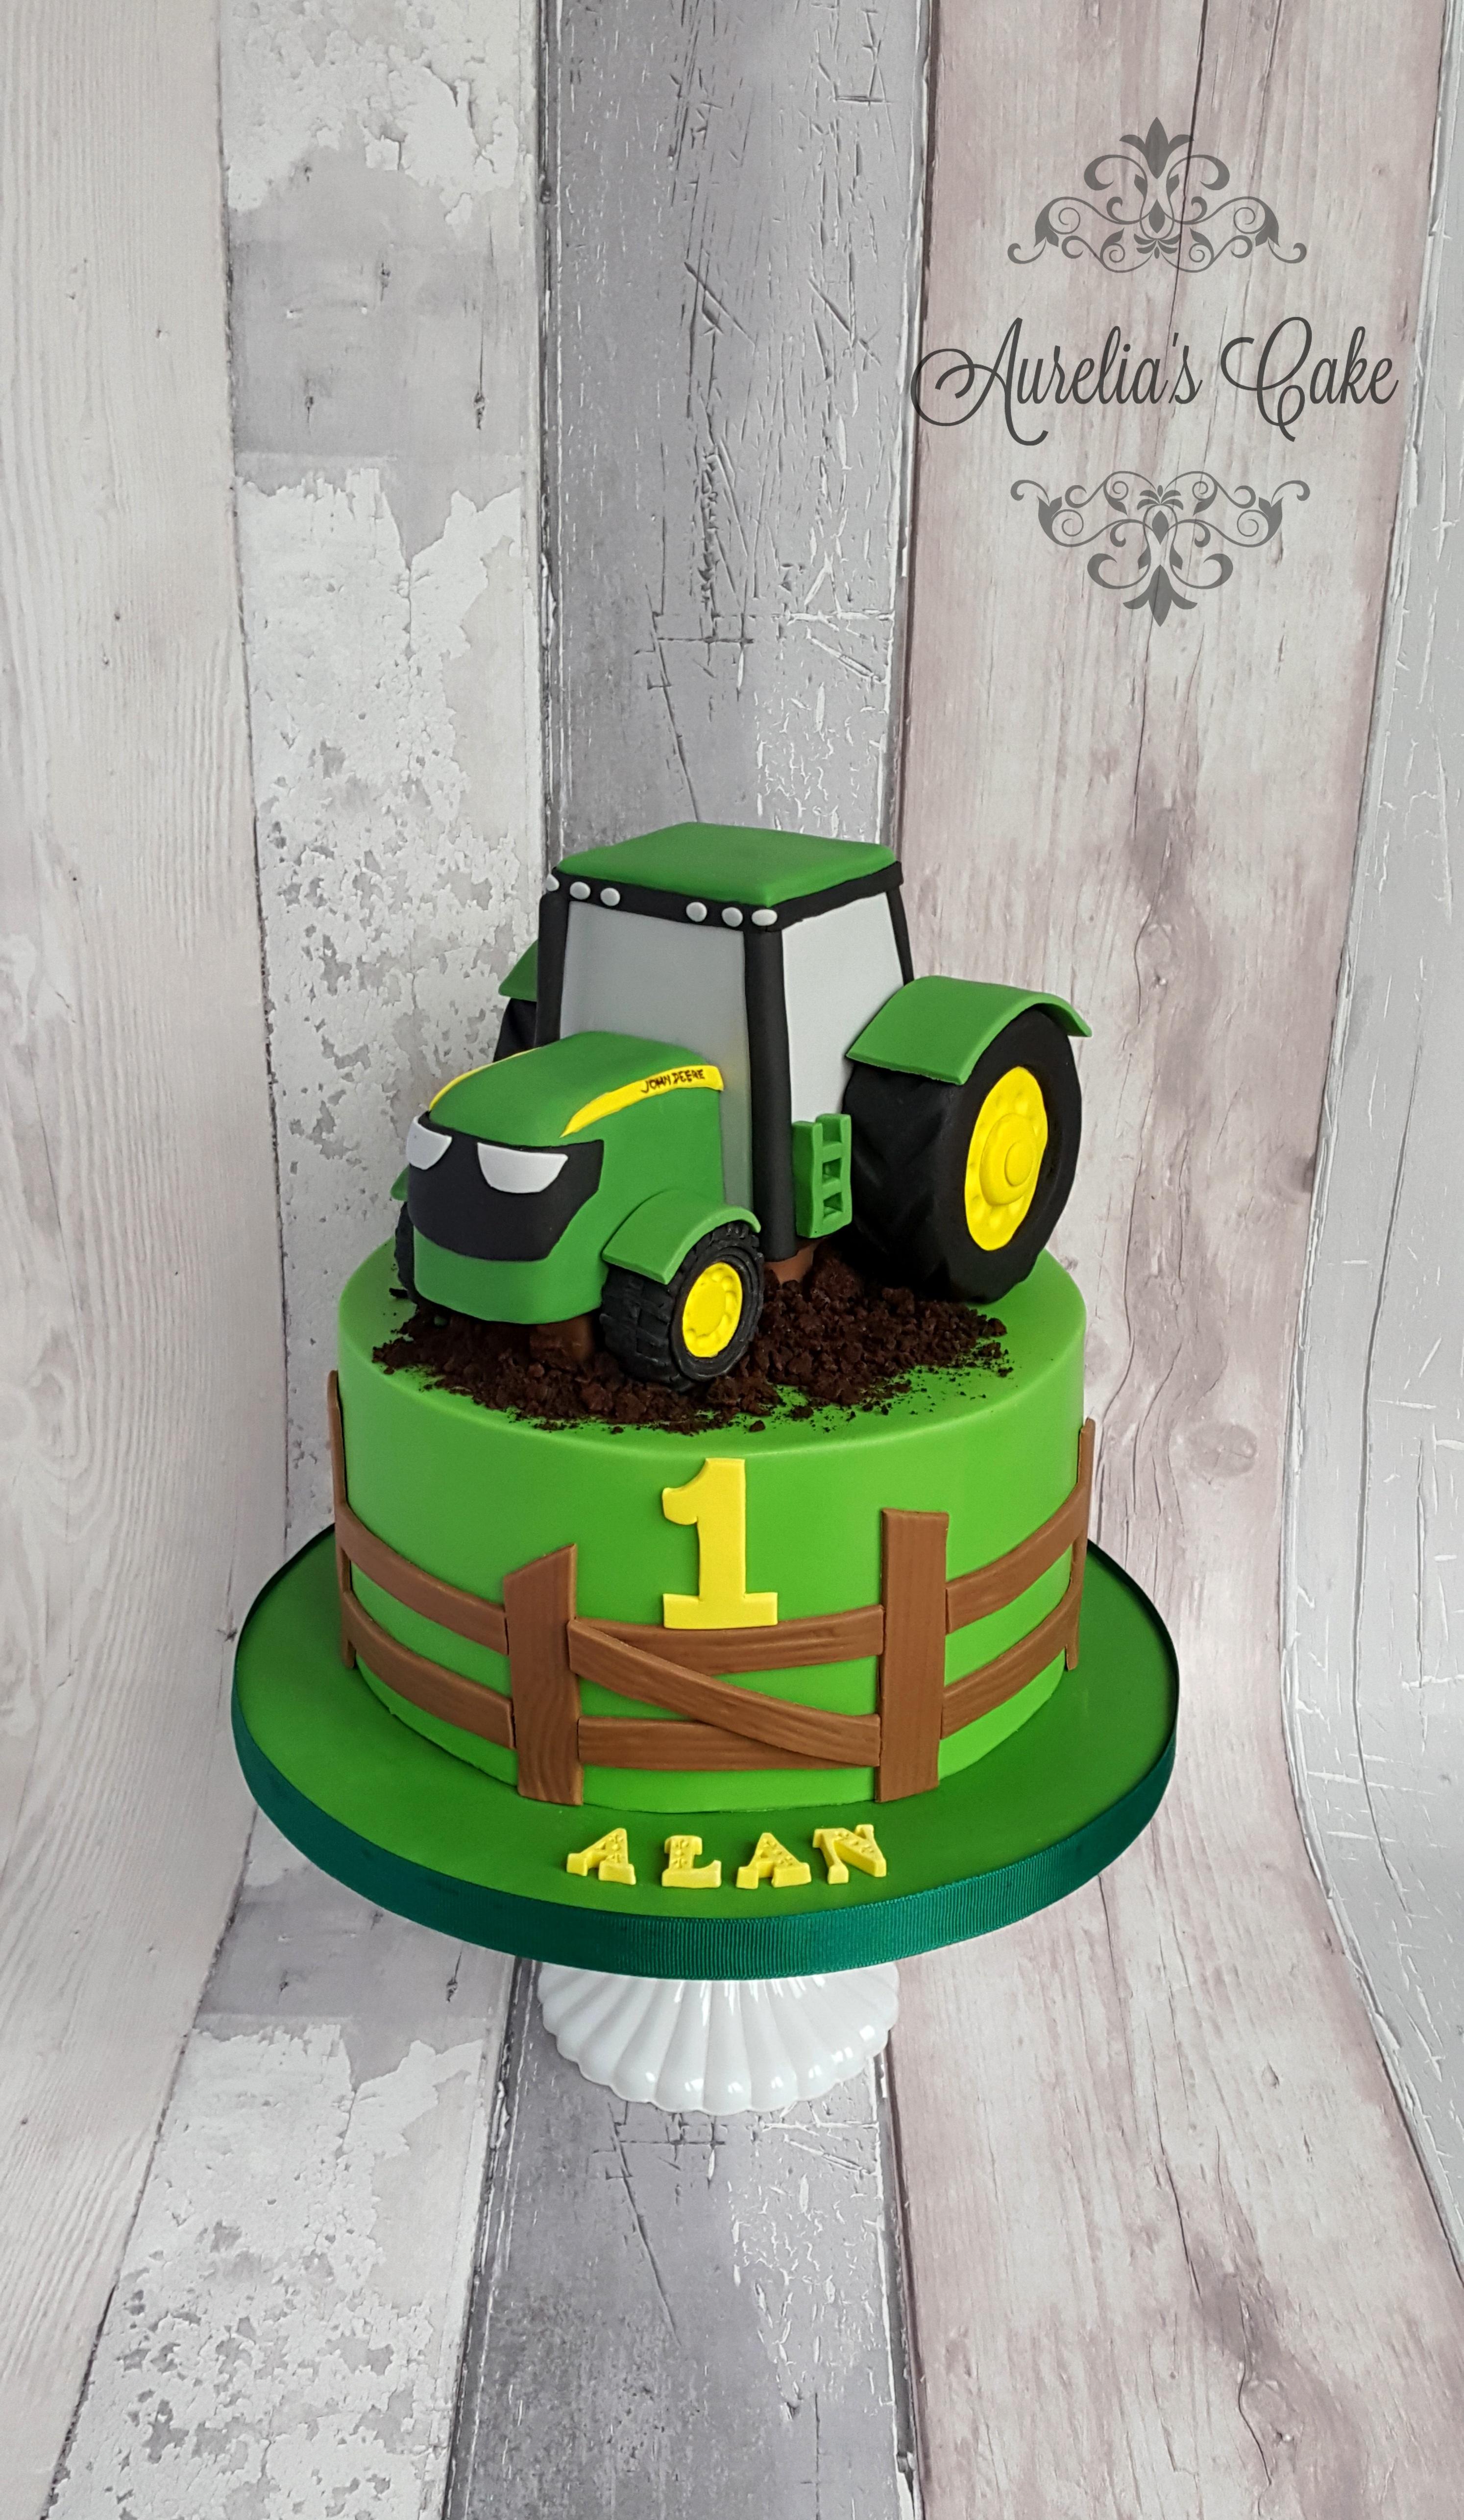 Tractor John Deere cake.